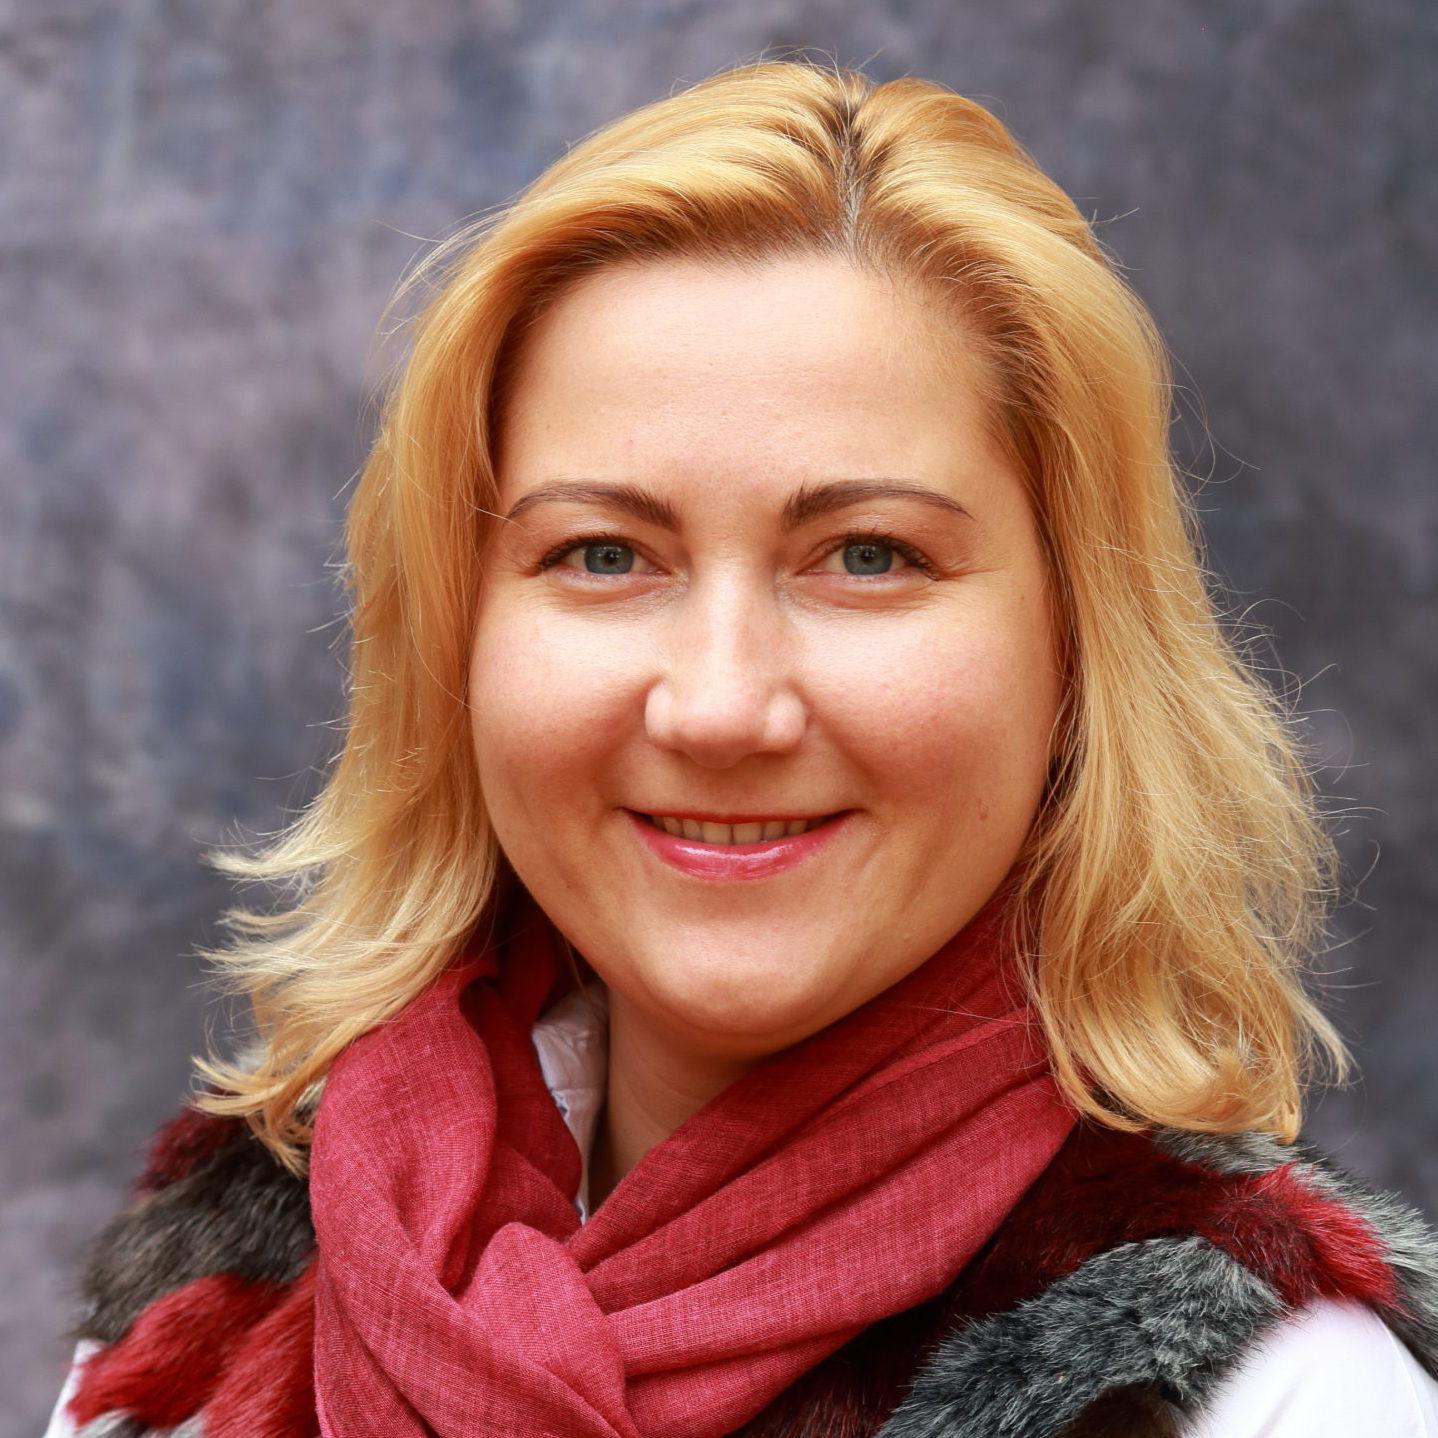 Ksenia Lemesheva